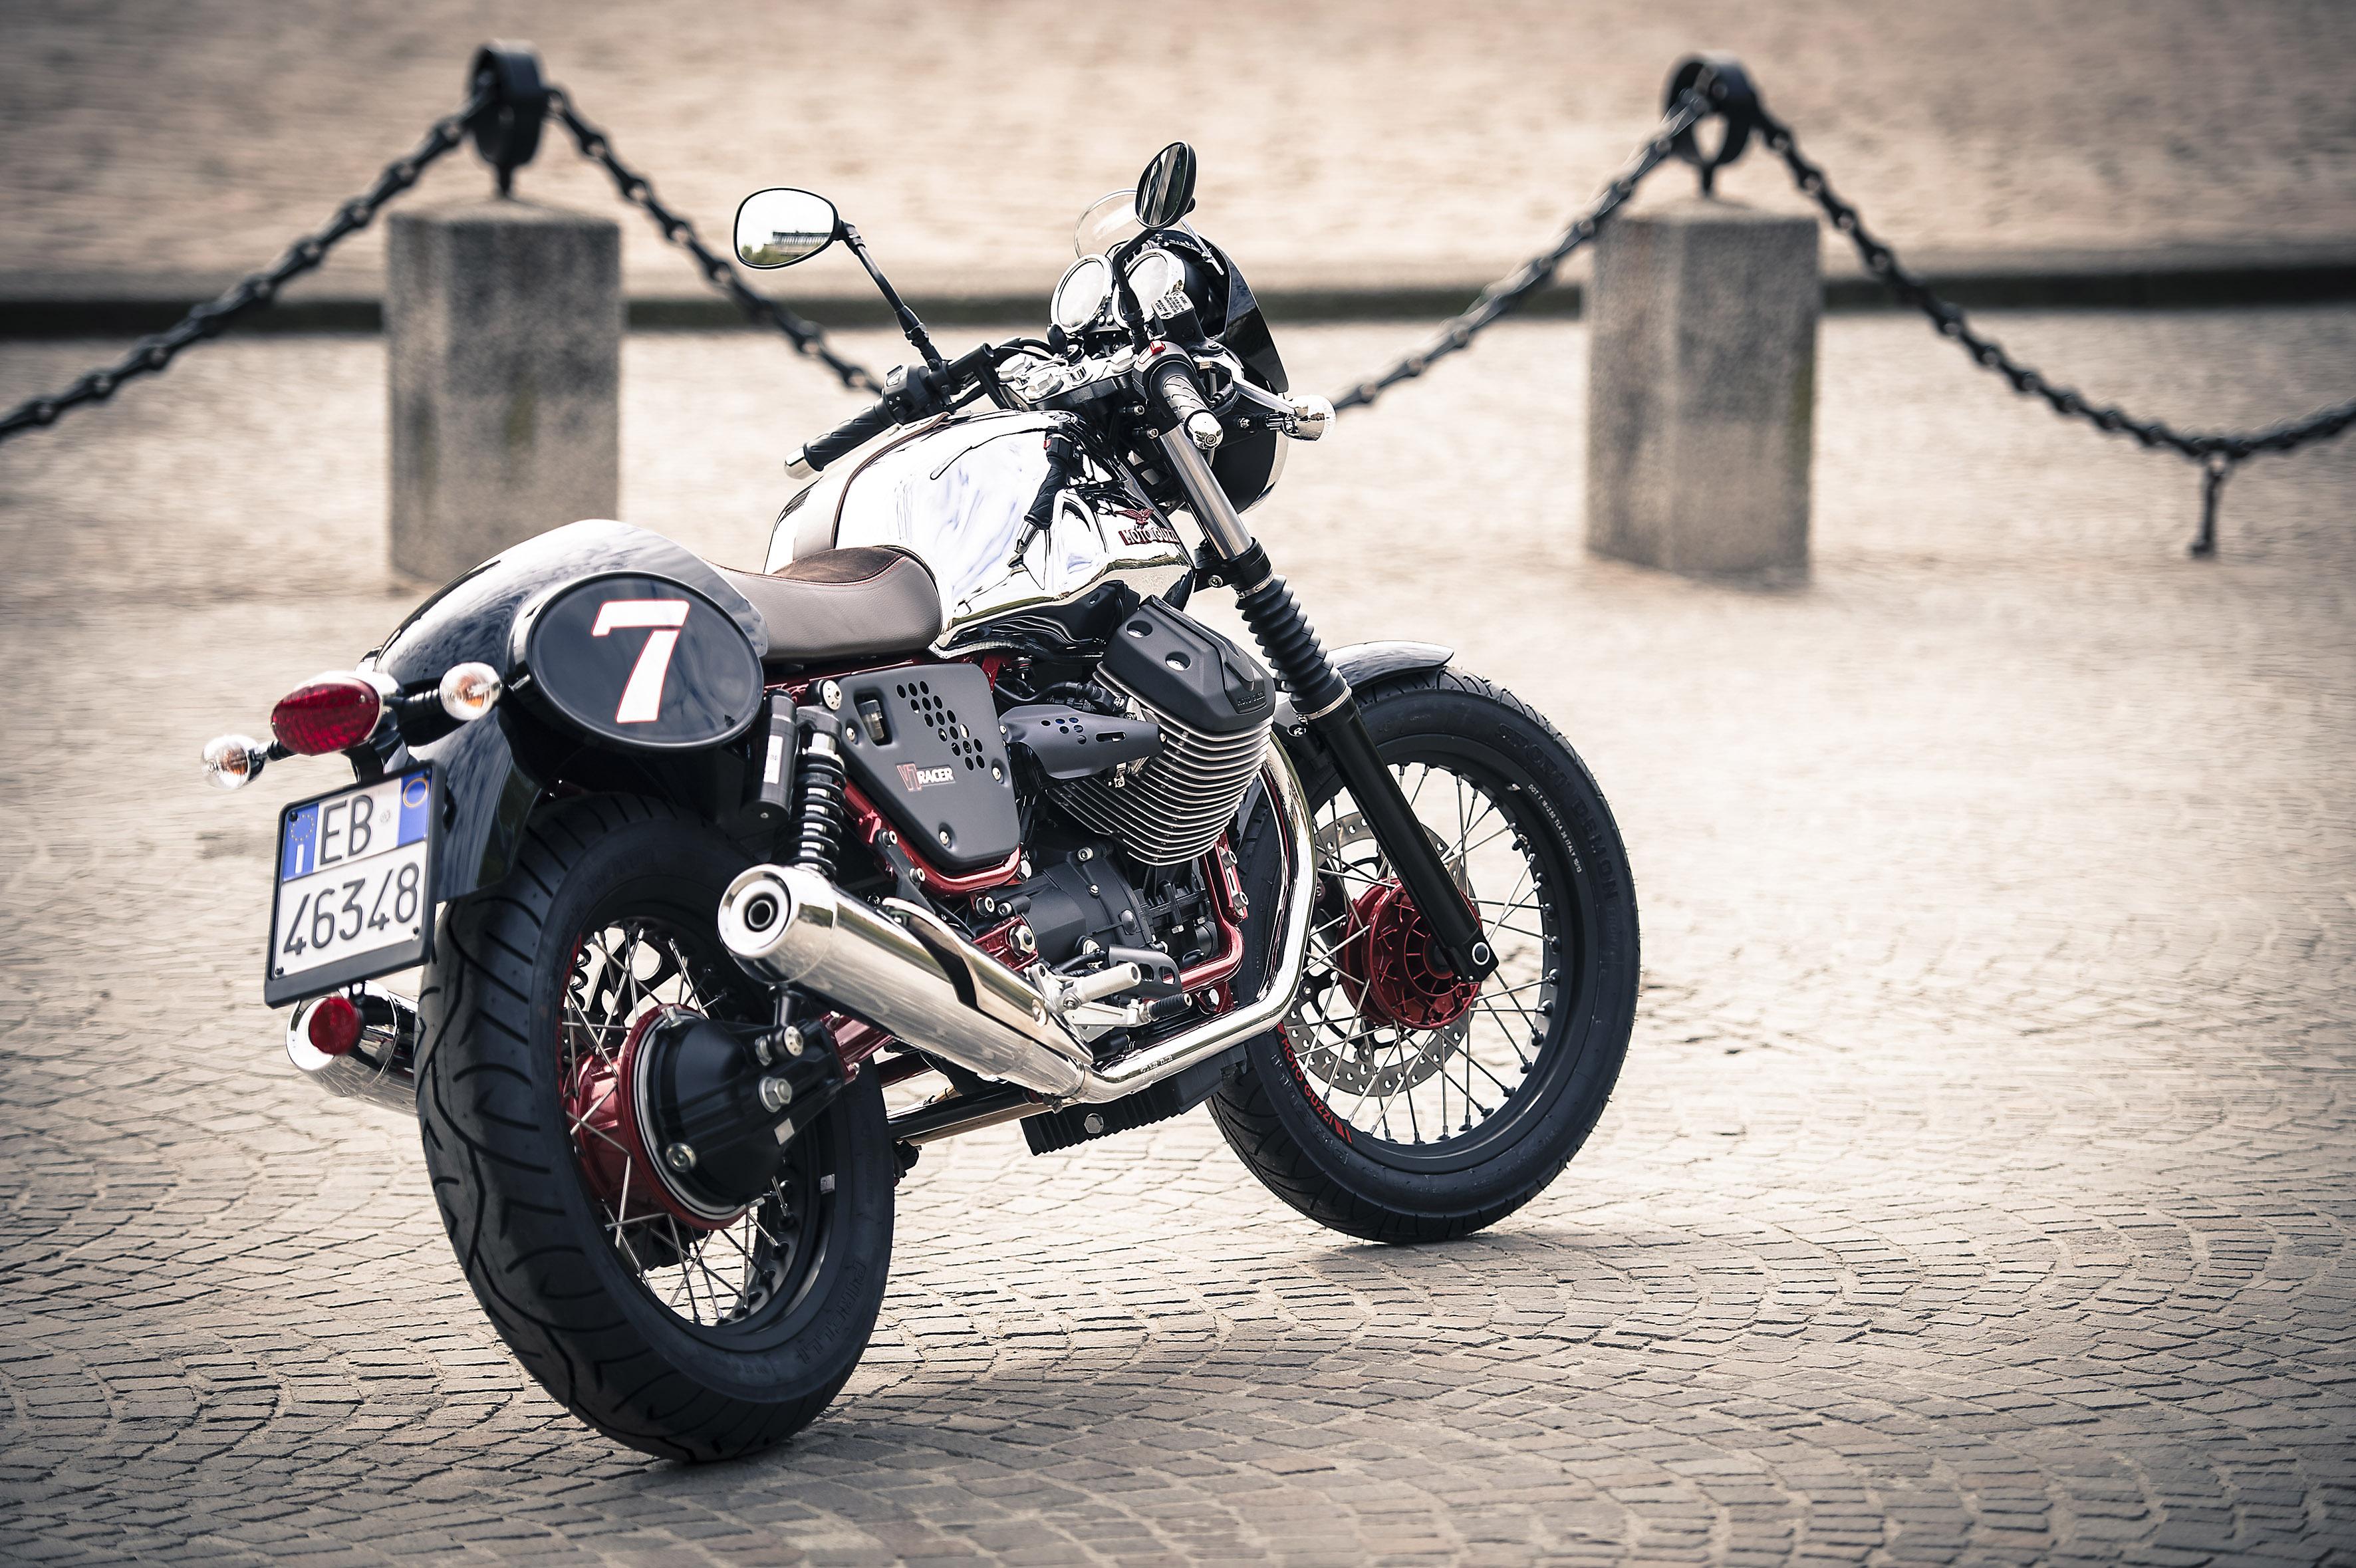 Moto Guzzi V7 MY 2014, ritocchi d'autore